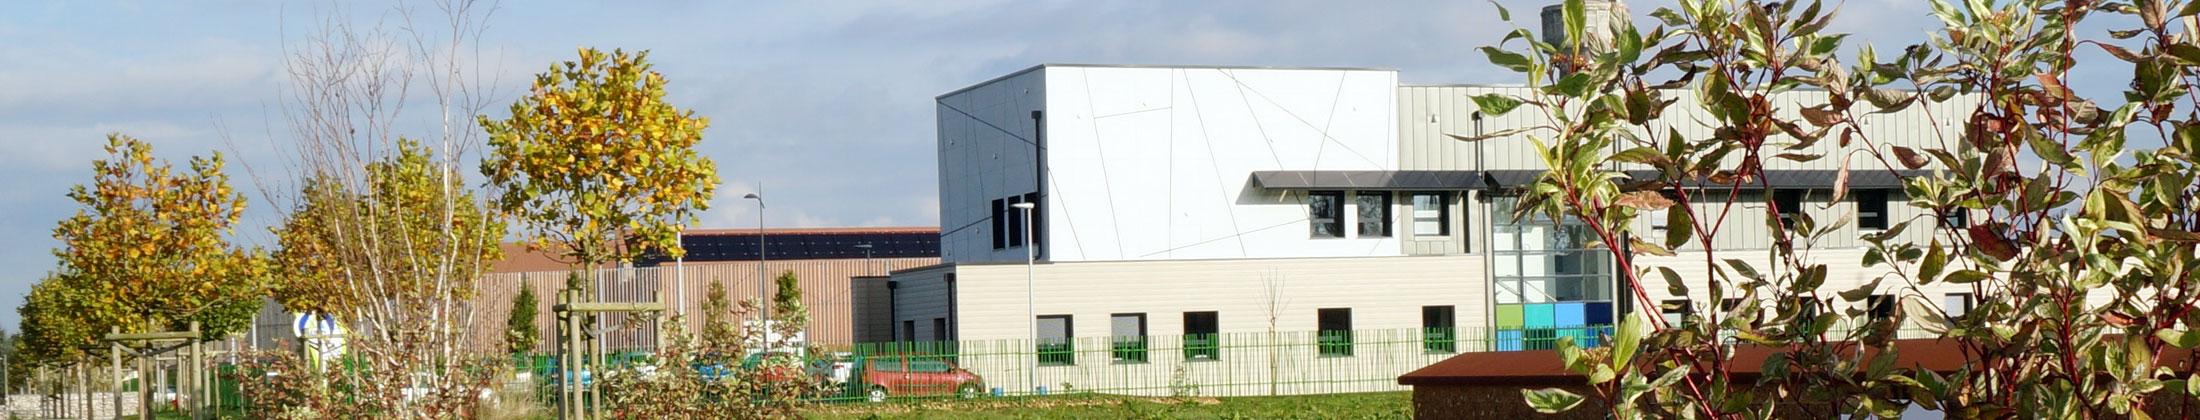 La Communauté de Communes Roumois Seine recrute Son (Sa) Technicien (ne) des systèmes d'information   Située en Normandie, sur les bords de Seine, 1